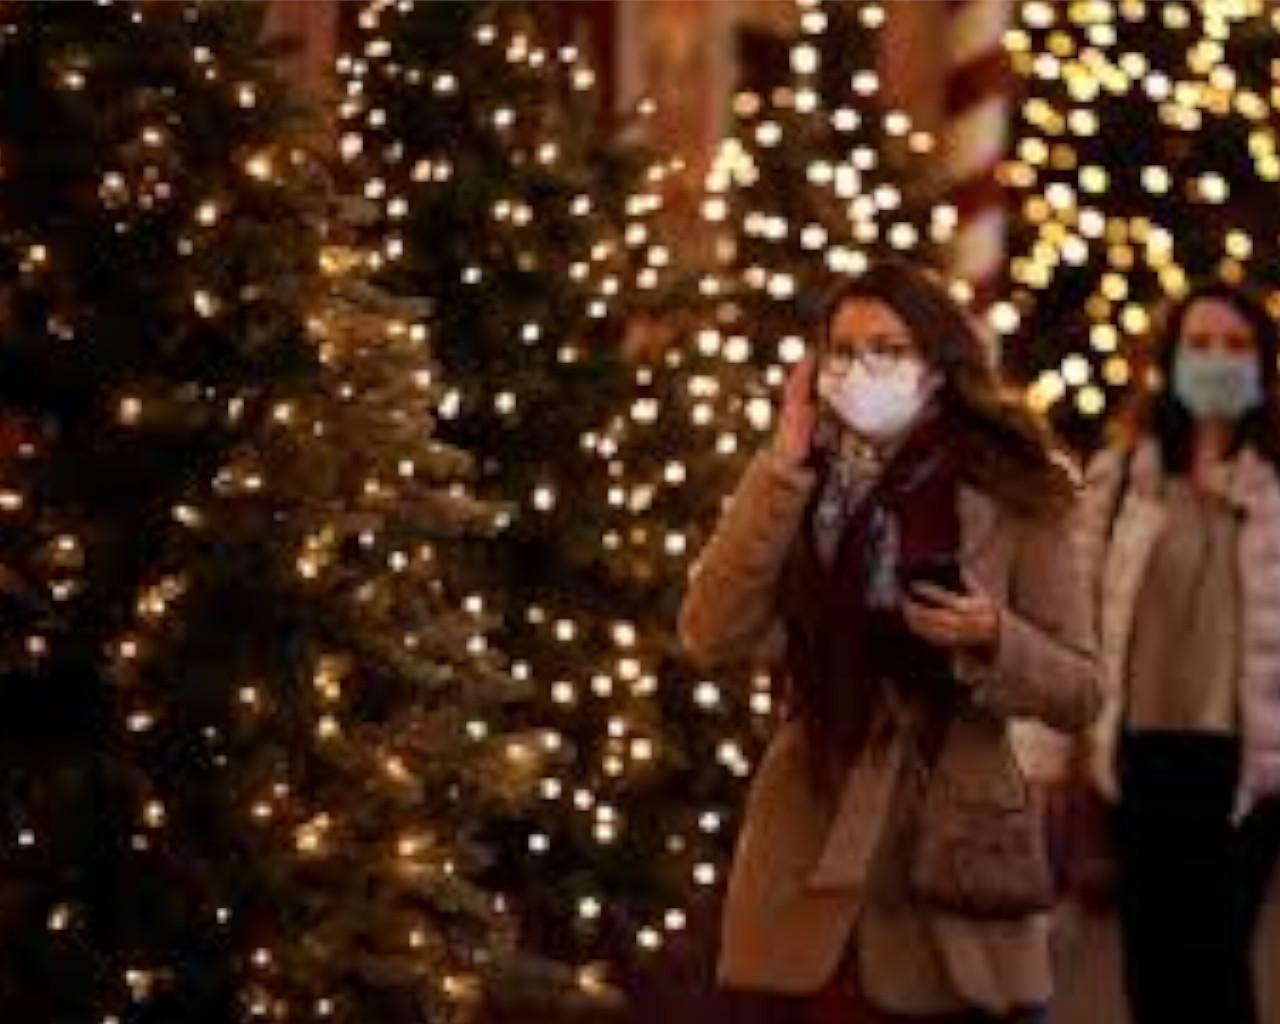 covid-19 χριστούγεννα, απαγόρευση κυκλοφορίας χριστούγεννα πρωτοχρονιά, ρεβεγιόν χριστουγέννων απαγόρευση, sms 13033, sms 13033 κωδικός 6